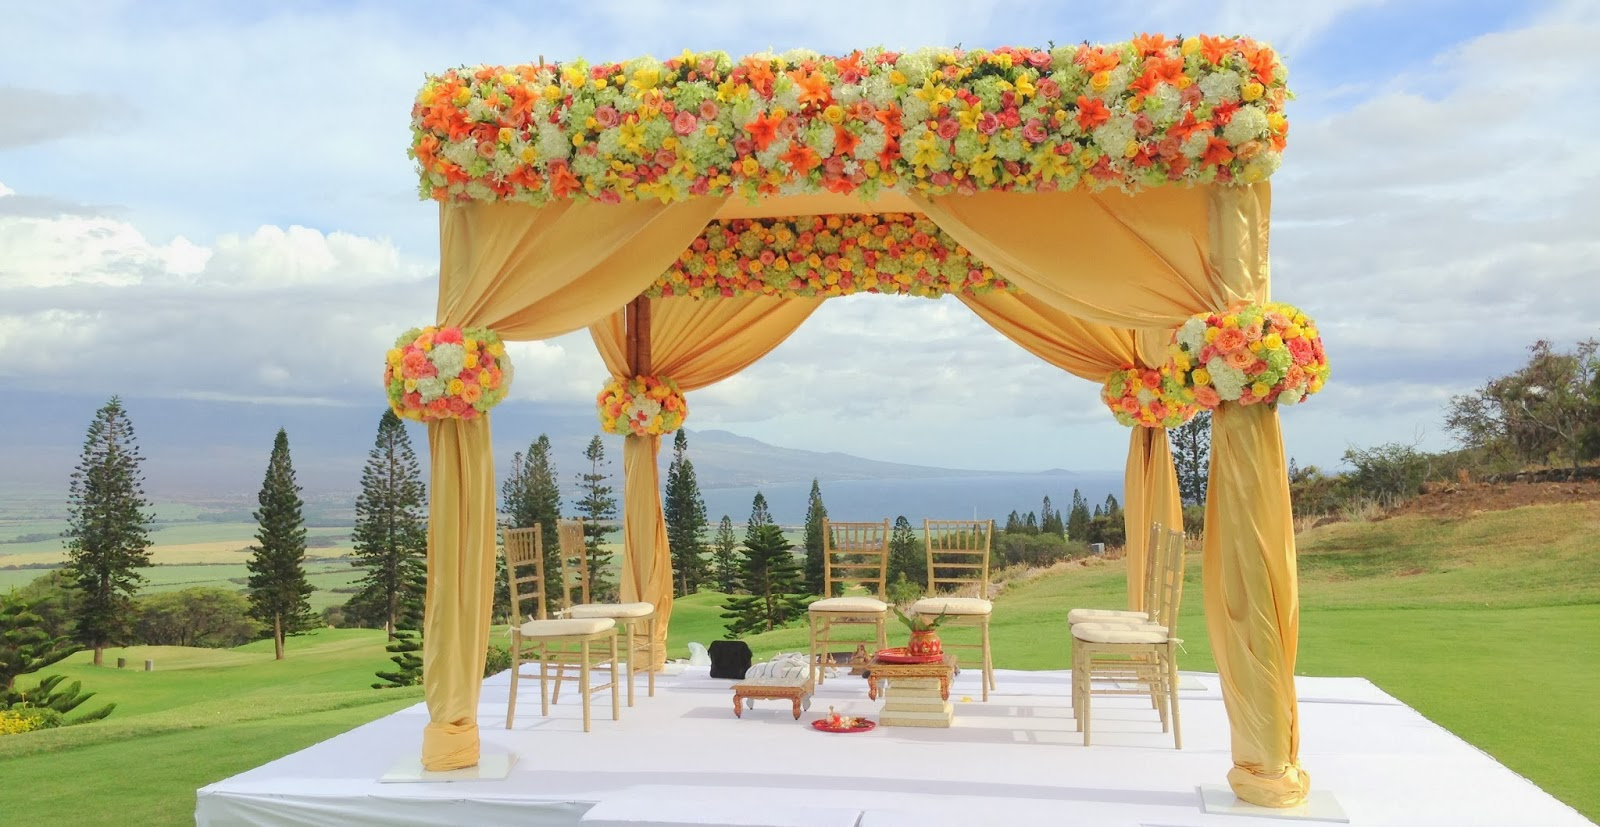 Fabulous Hindu Indian Wedding In Maui October 2013 Indian Weddings In Hawaii